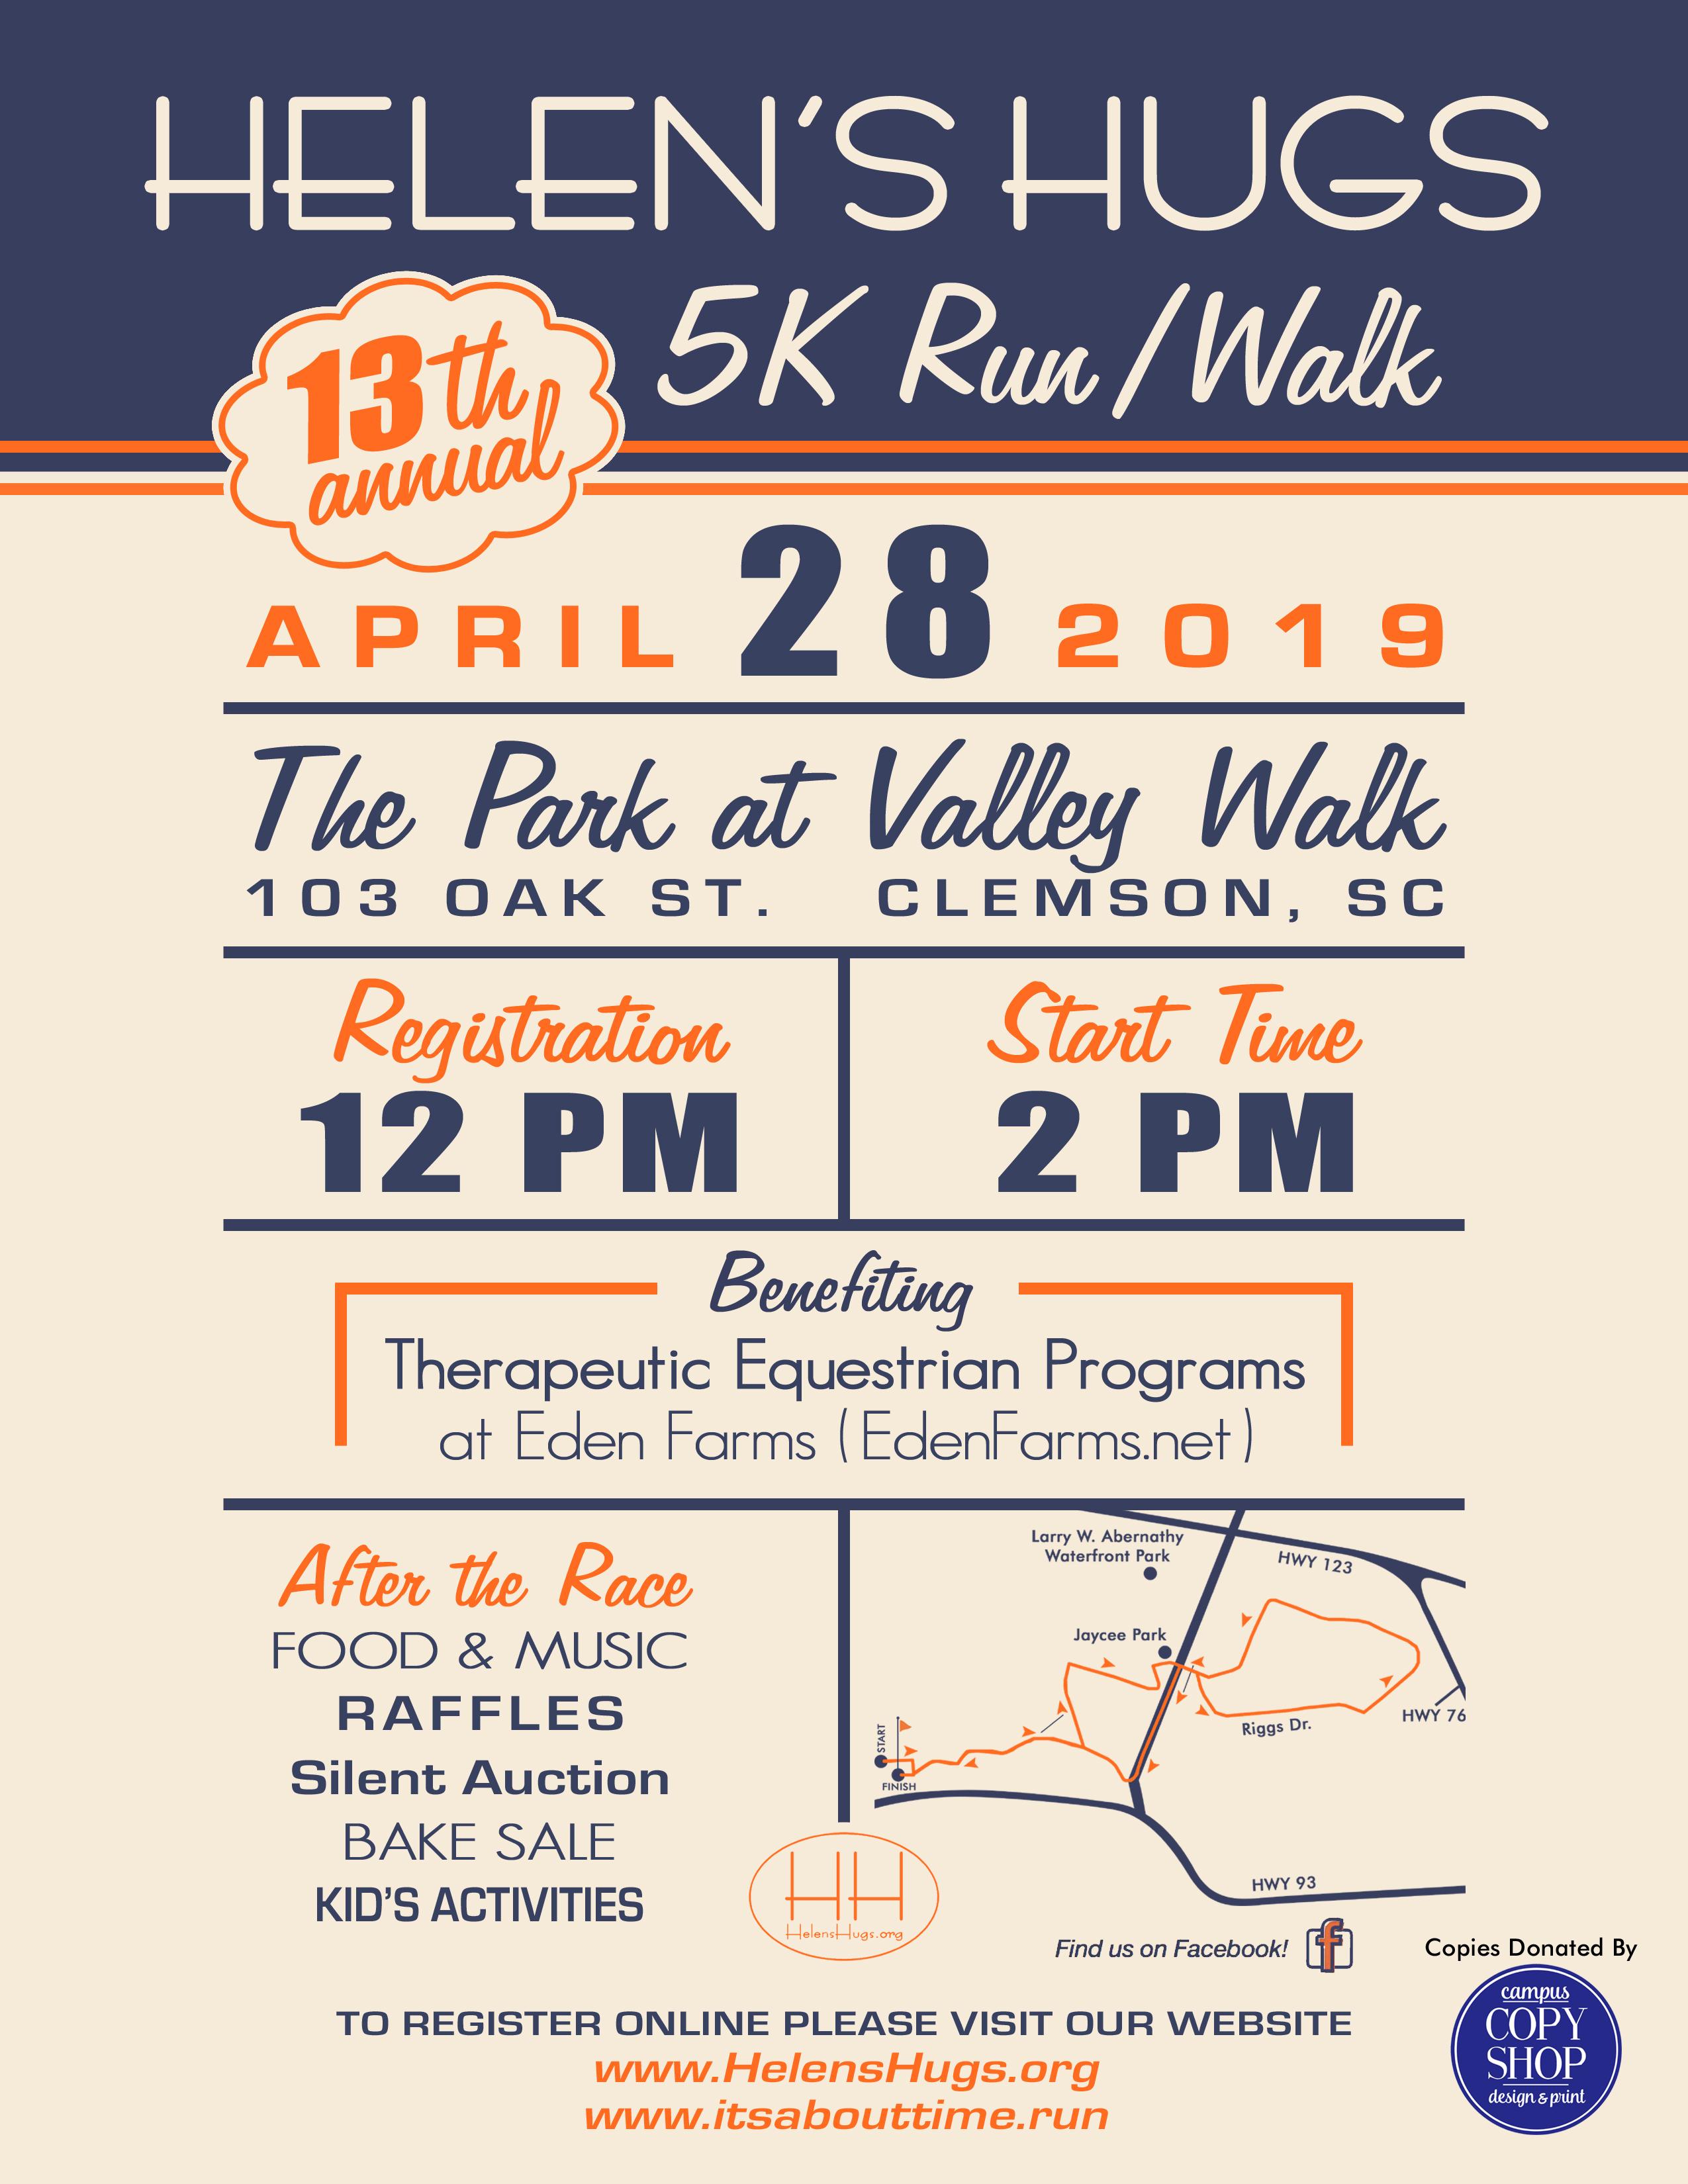 Helen's Hugs 5K Run/Walk Flyer